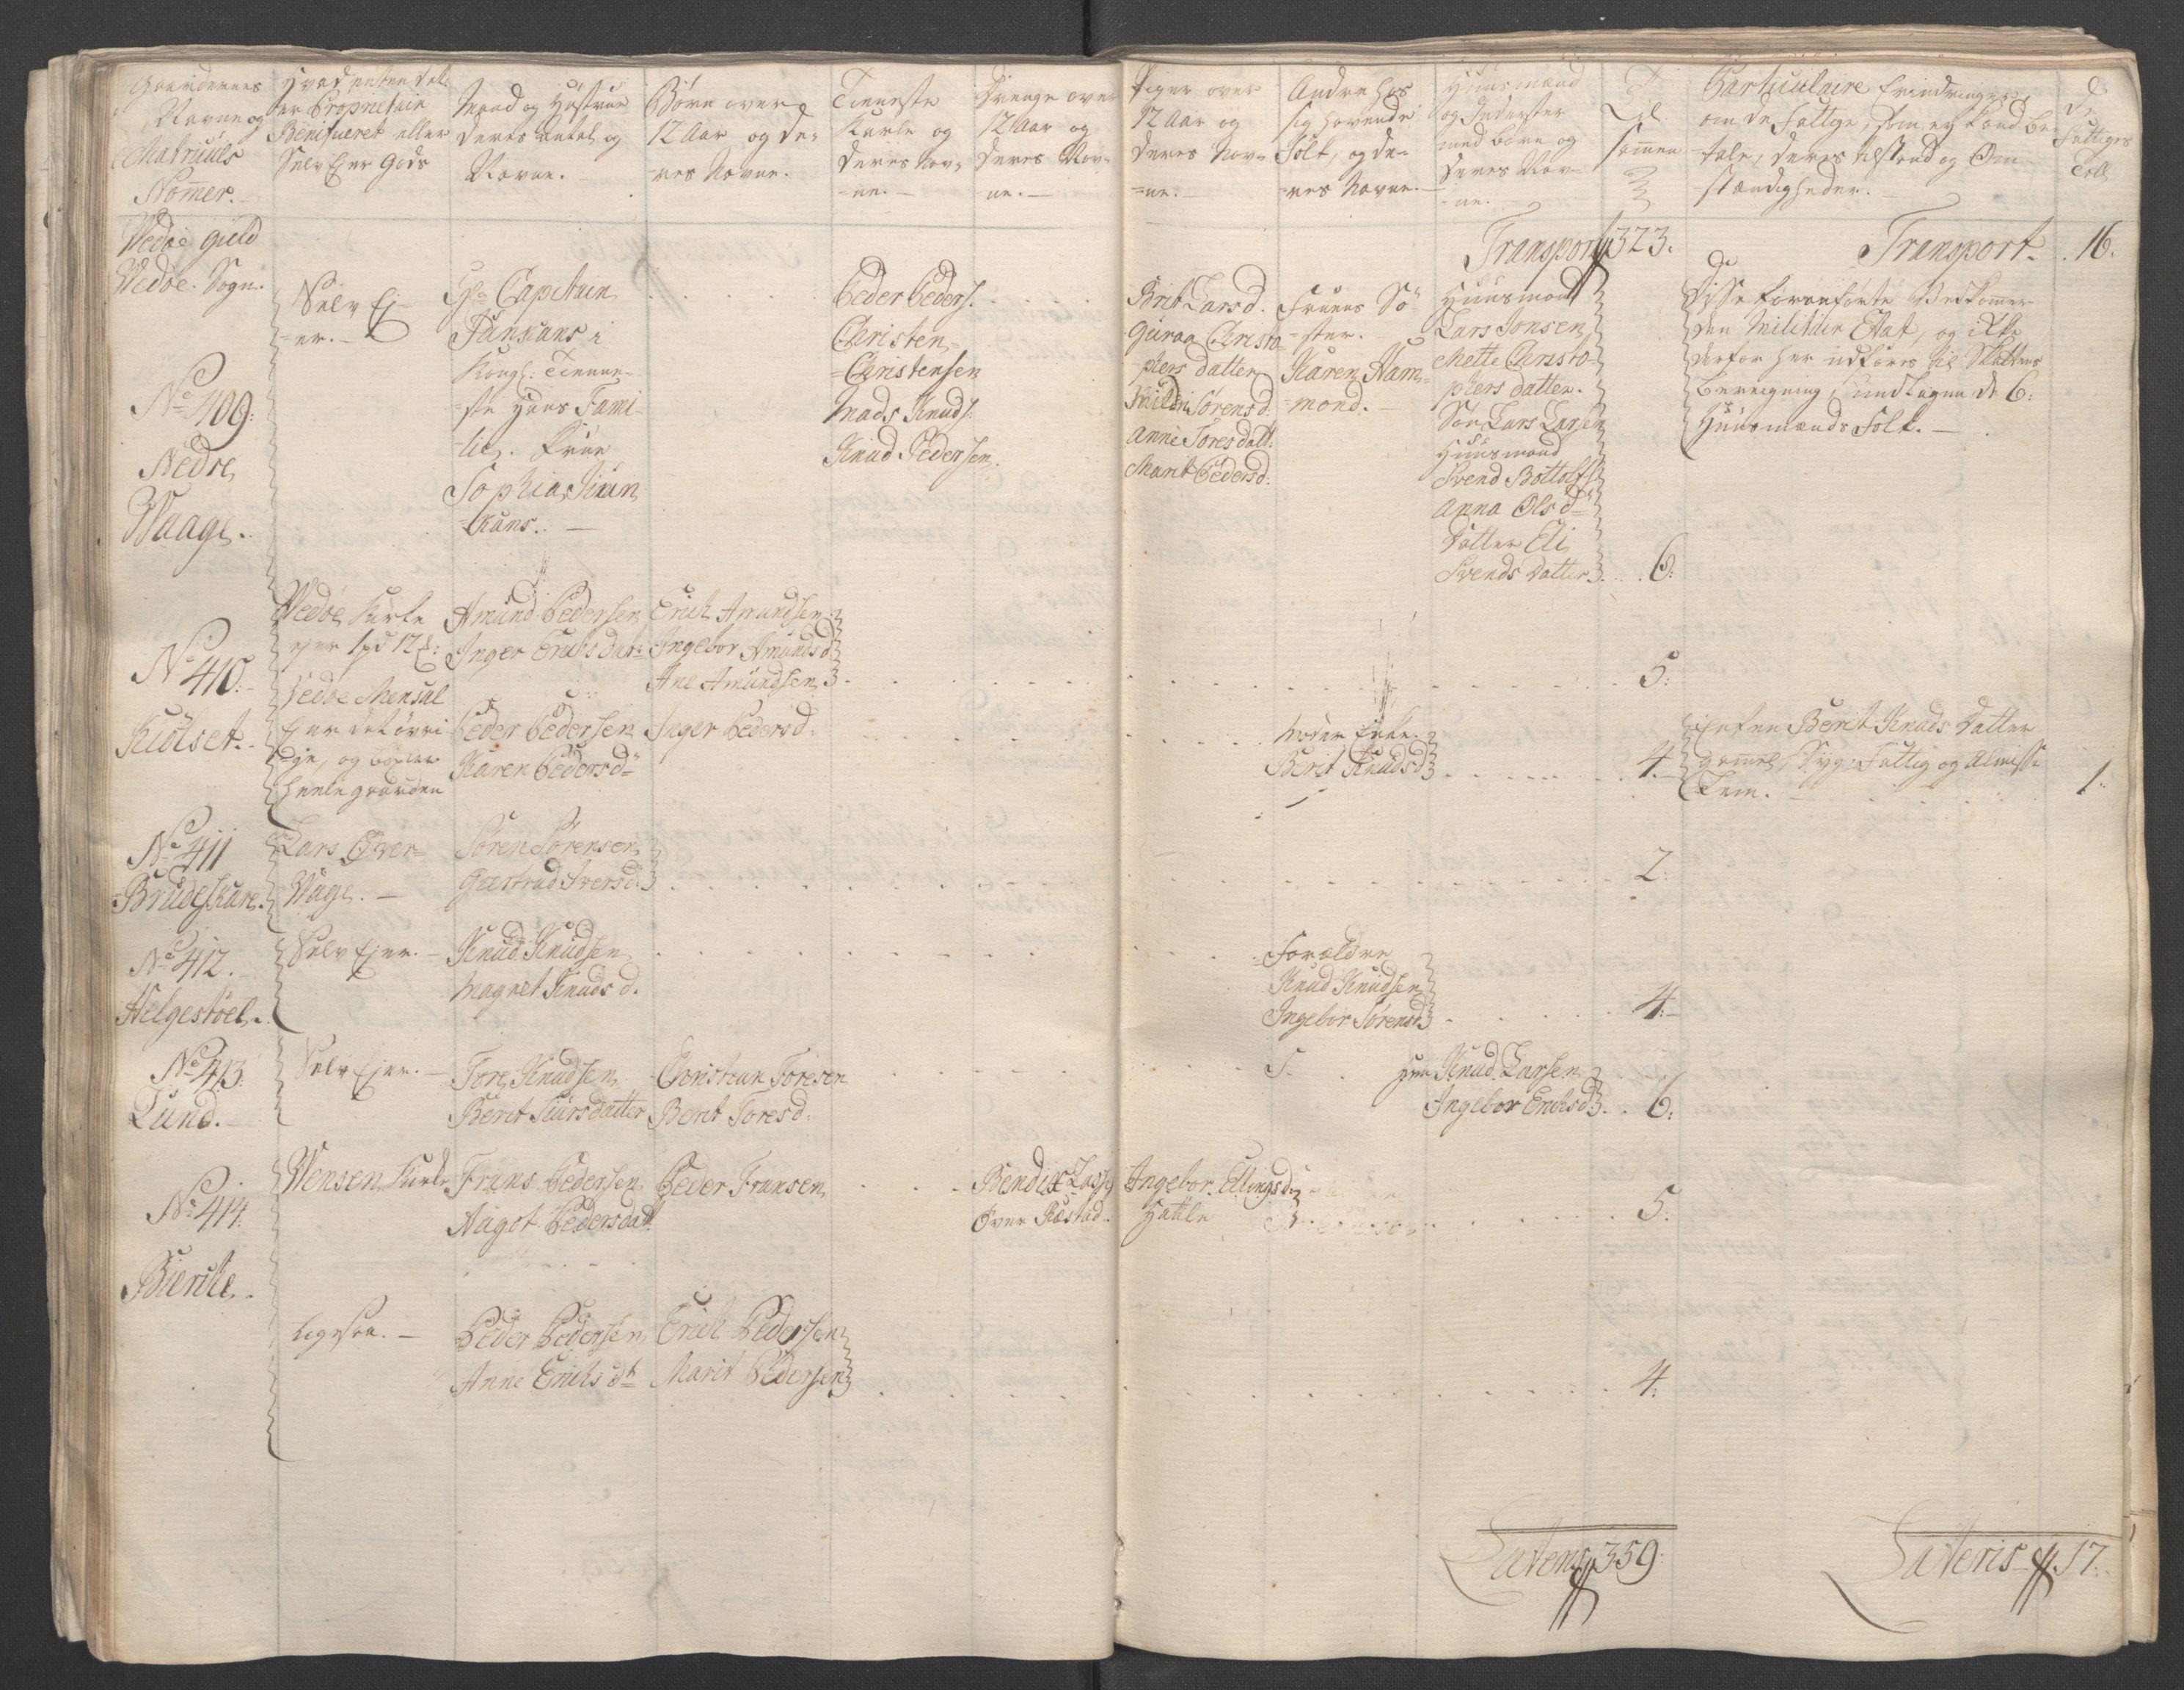 RA, Rentekammeret inntil 1814, Reviderte regnskaper, Fogderegnskap, R55/L3730: Ekstraskatten Romsdal, 1762-1763, s. 79